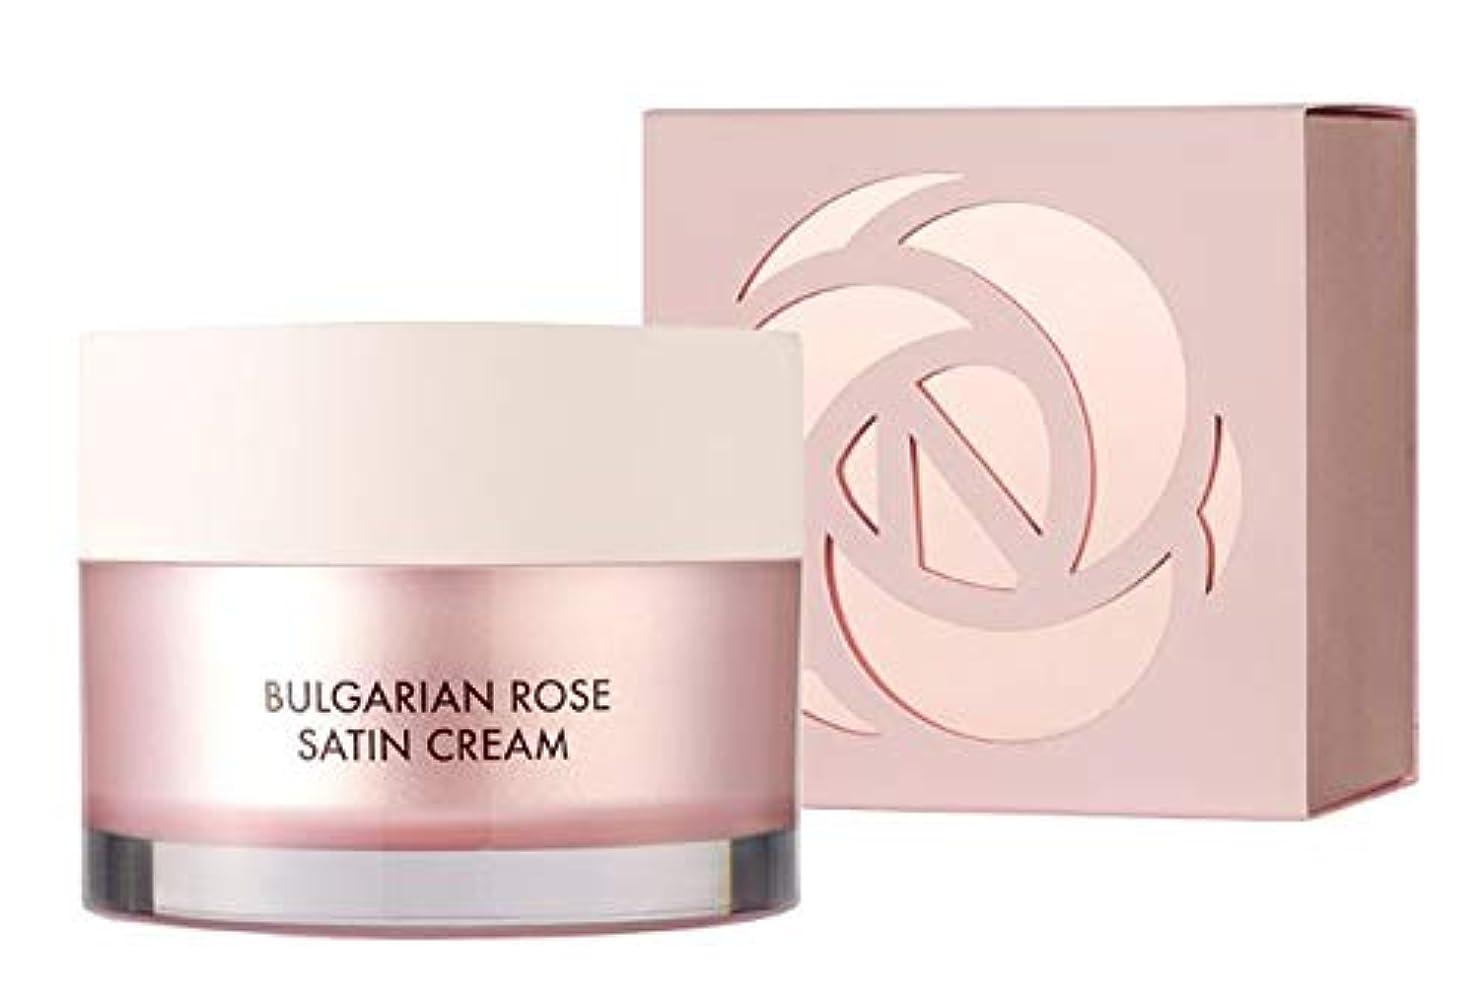 アラビア語ジャケット落ち着いた[Heimish] Bulgarian Rose Satin Cream /[ヘイミッシュ] ブルガリアンローズサティンクリーム [並行輸入品]